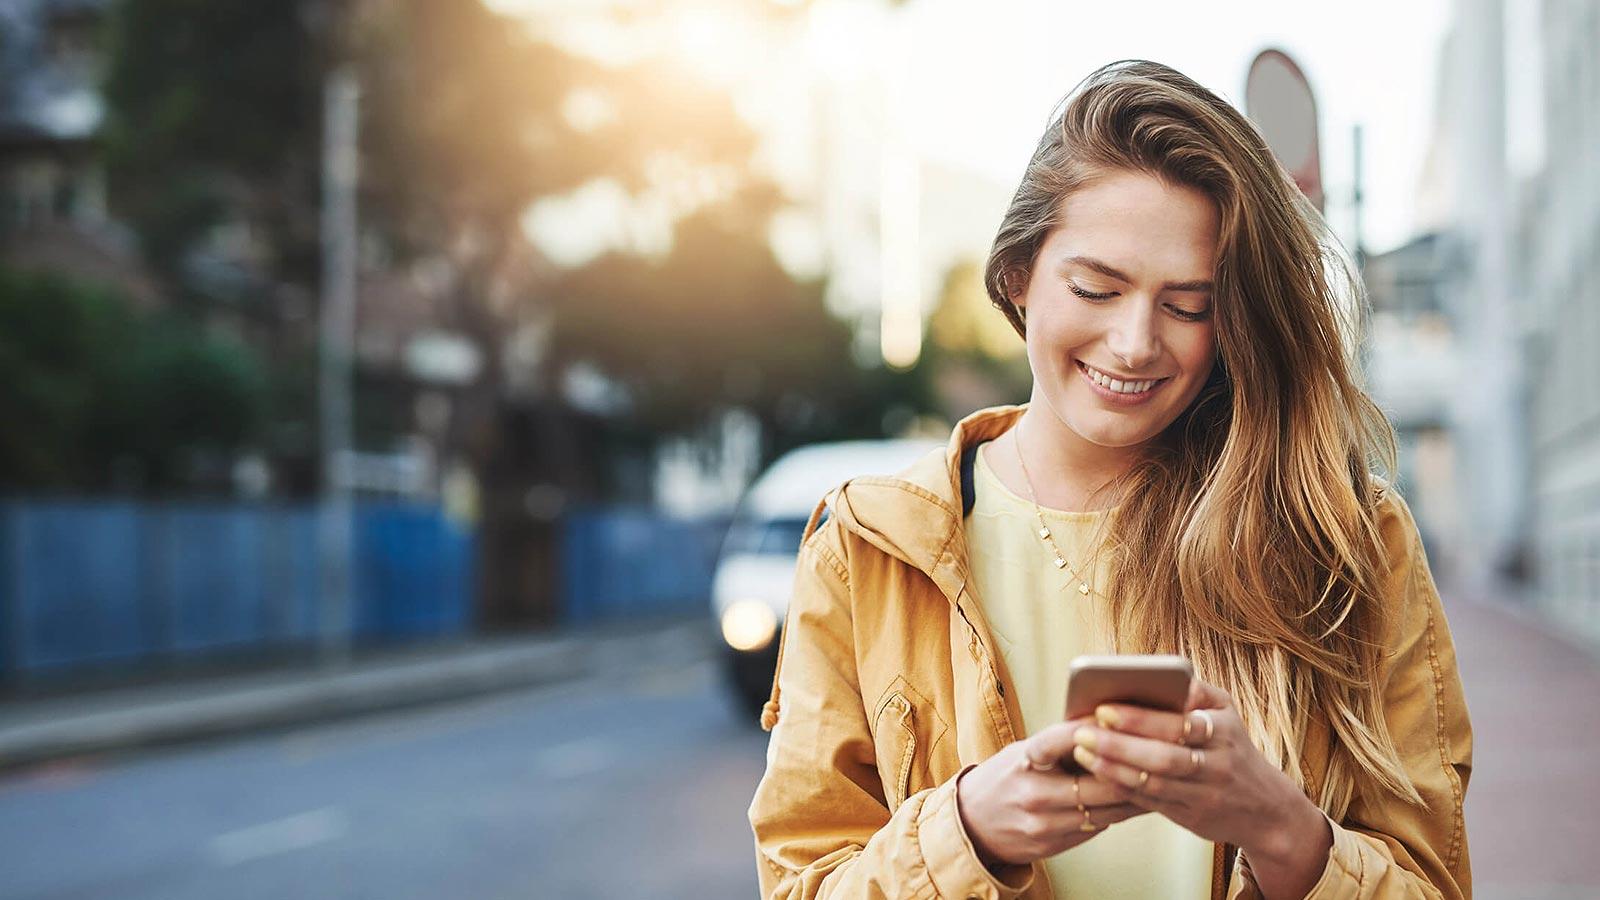 5 tendencias de marketing em video que voce precisa conhecer 1 dumela filmes - 5 tendências de marketing em vídeo que você precisa conhecer!